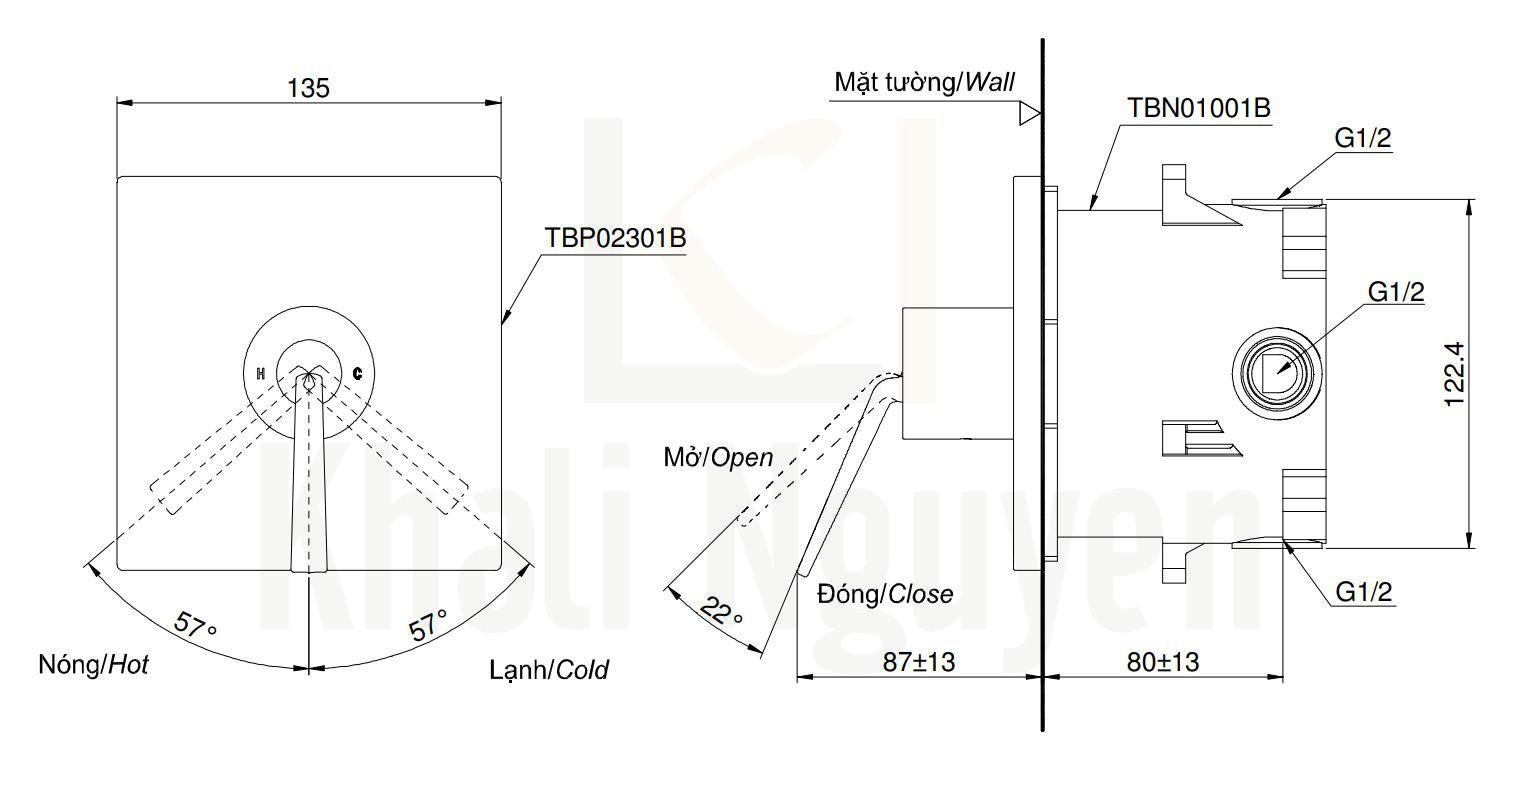 Bản Vẽ Van Điều Chỉnh Nhiệt Độ TOTO TBP02301B/TBN01001B